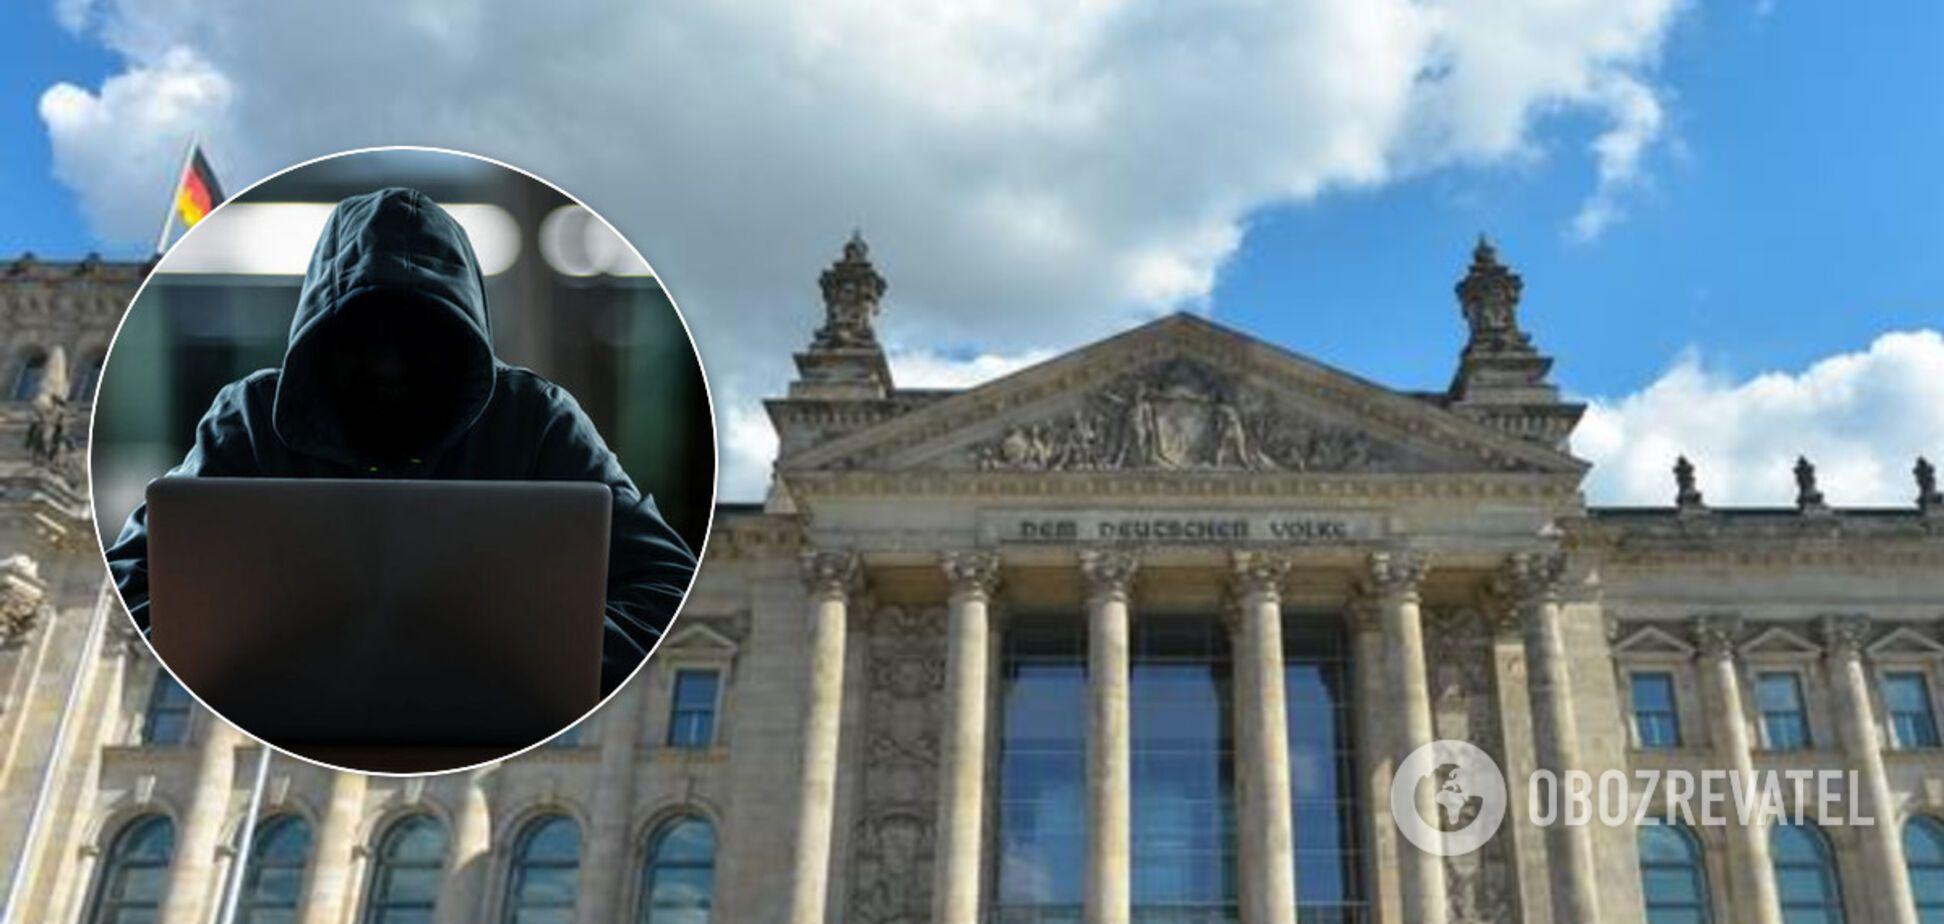 Німеччина викликала посла РФ через хакерську атаку на Бундестаг: ситуація загострюється